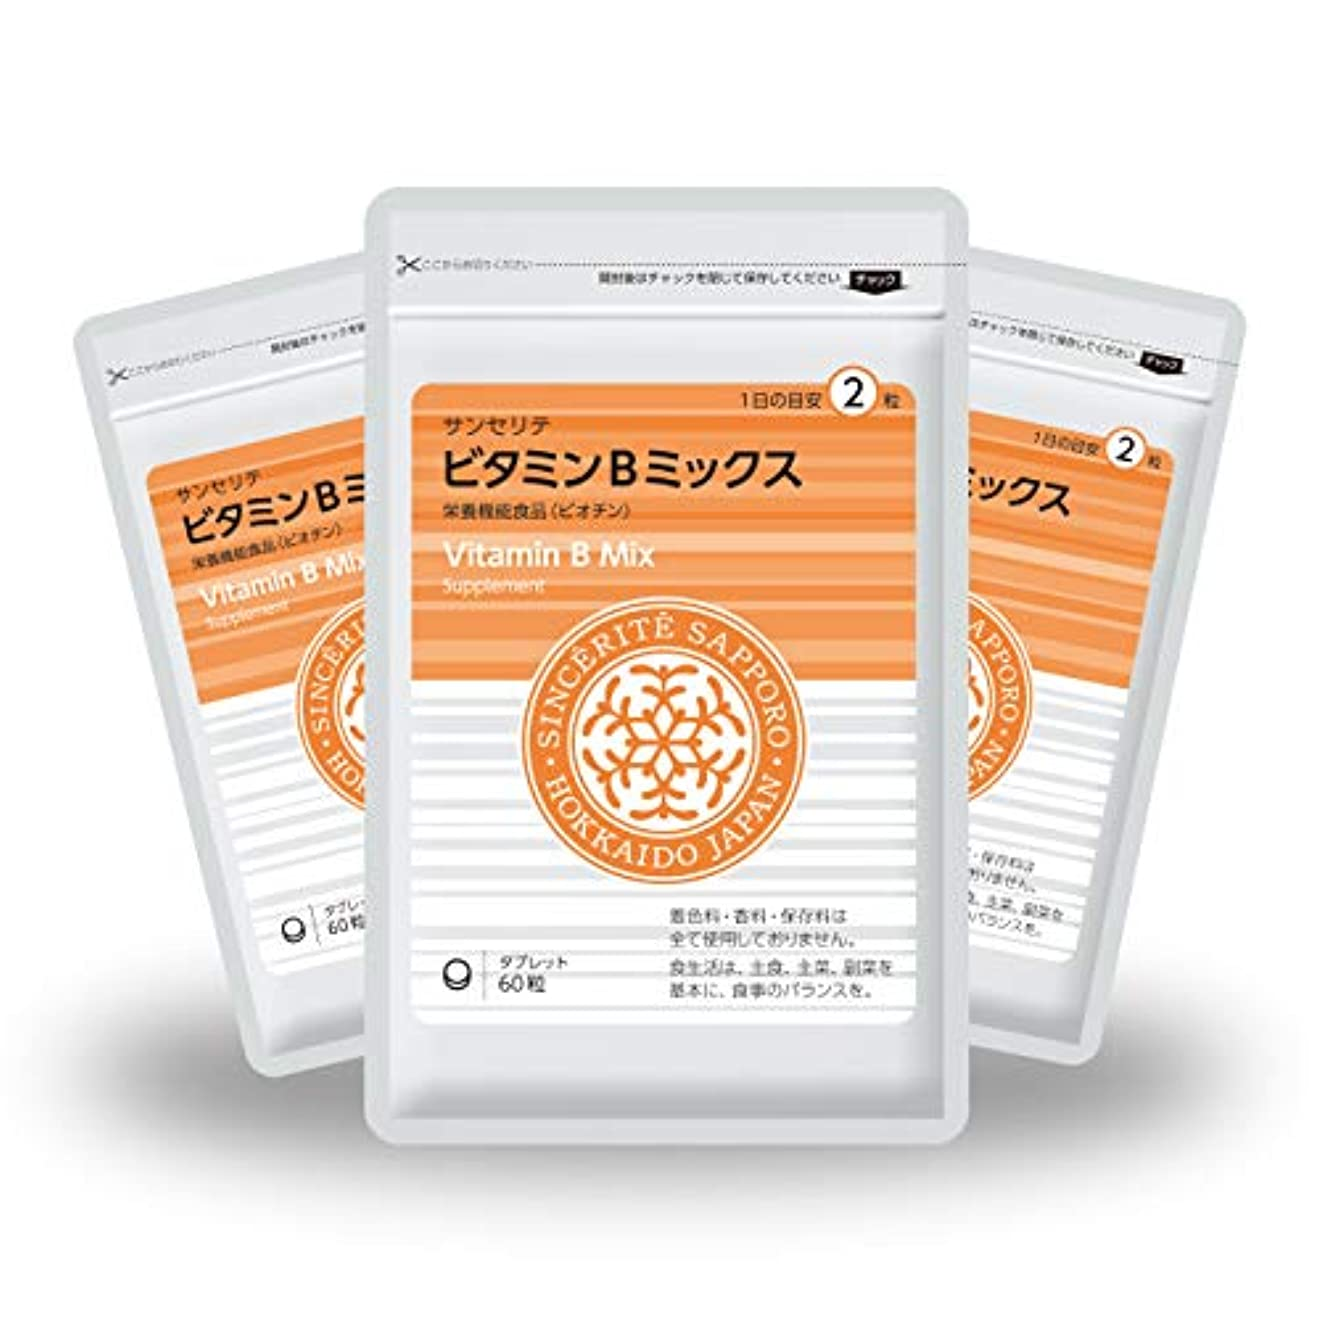 恐怖教えるステープルビタミンBミックス 3袋セット[栄養機能食品]ビタミンB群たっぷり配合[国内製造]お得な90日分